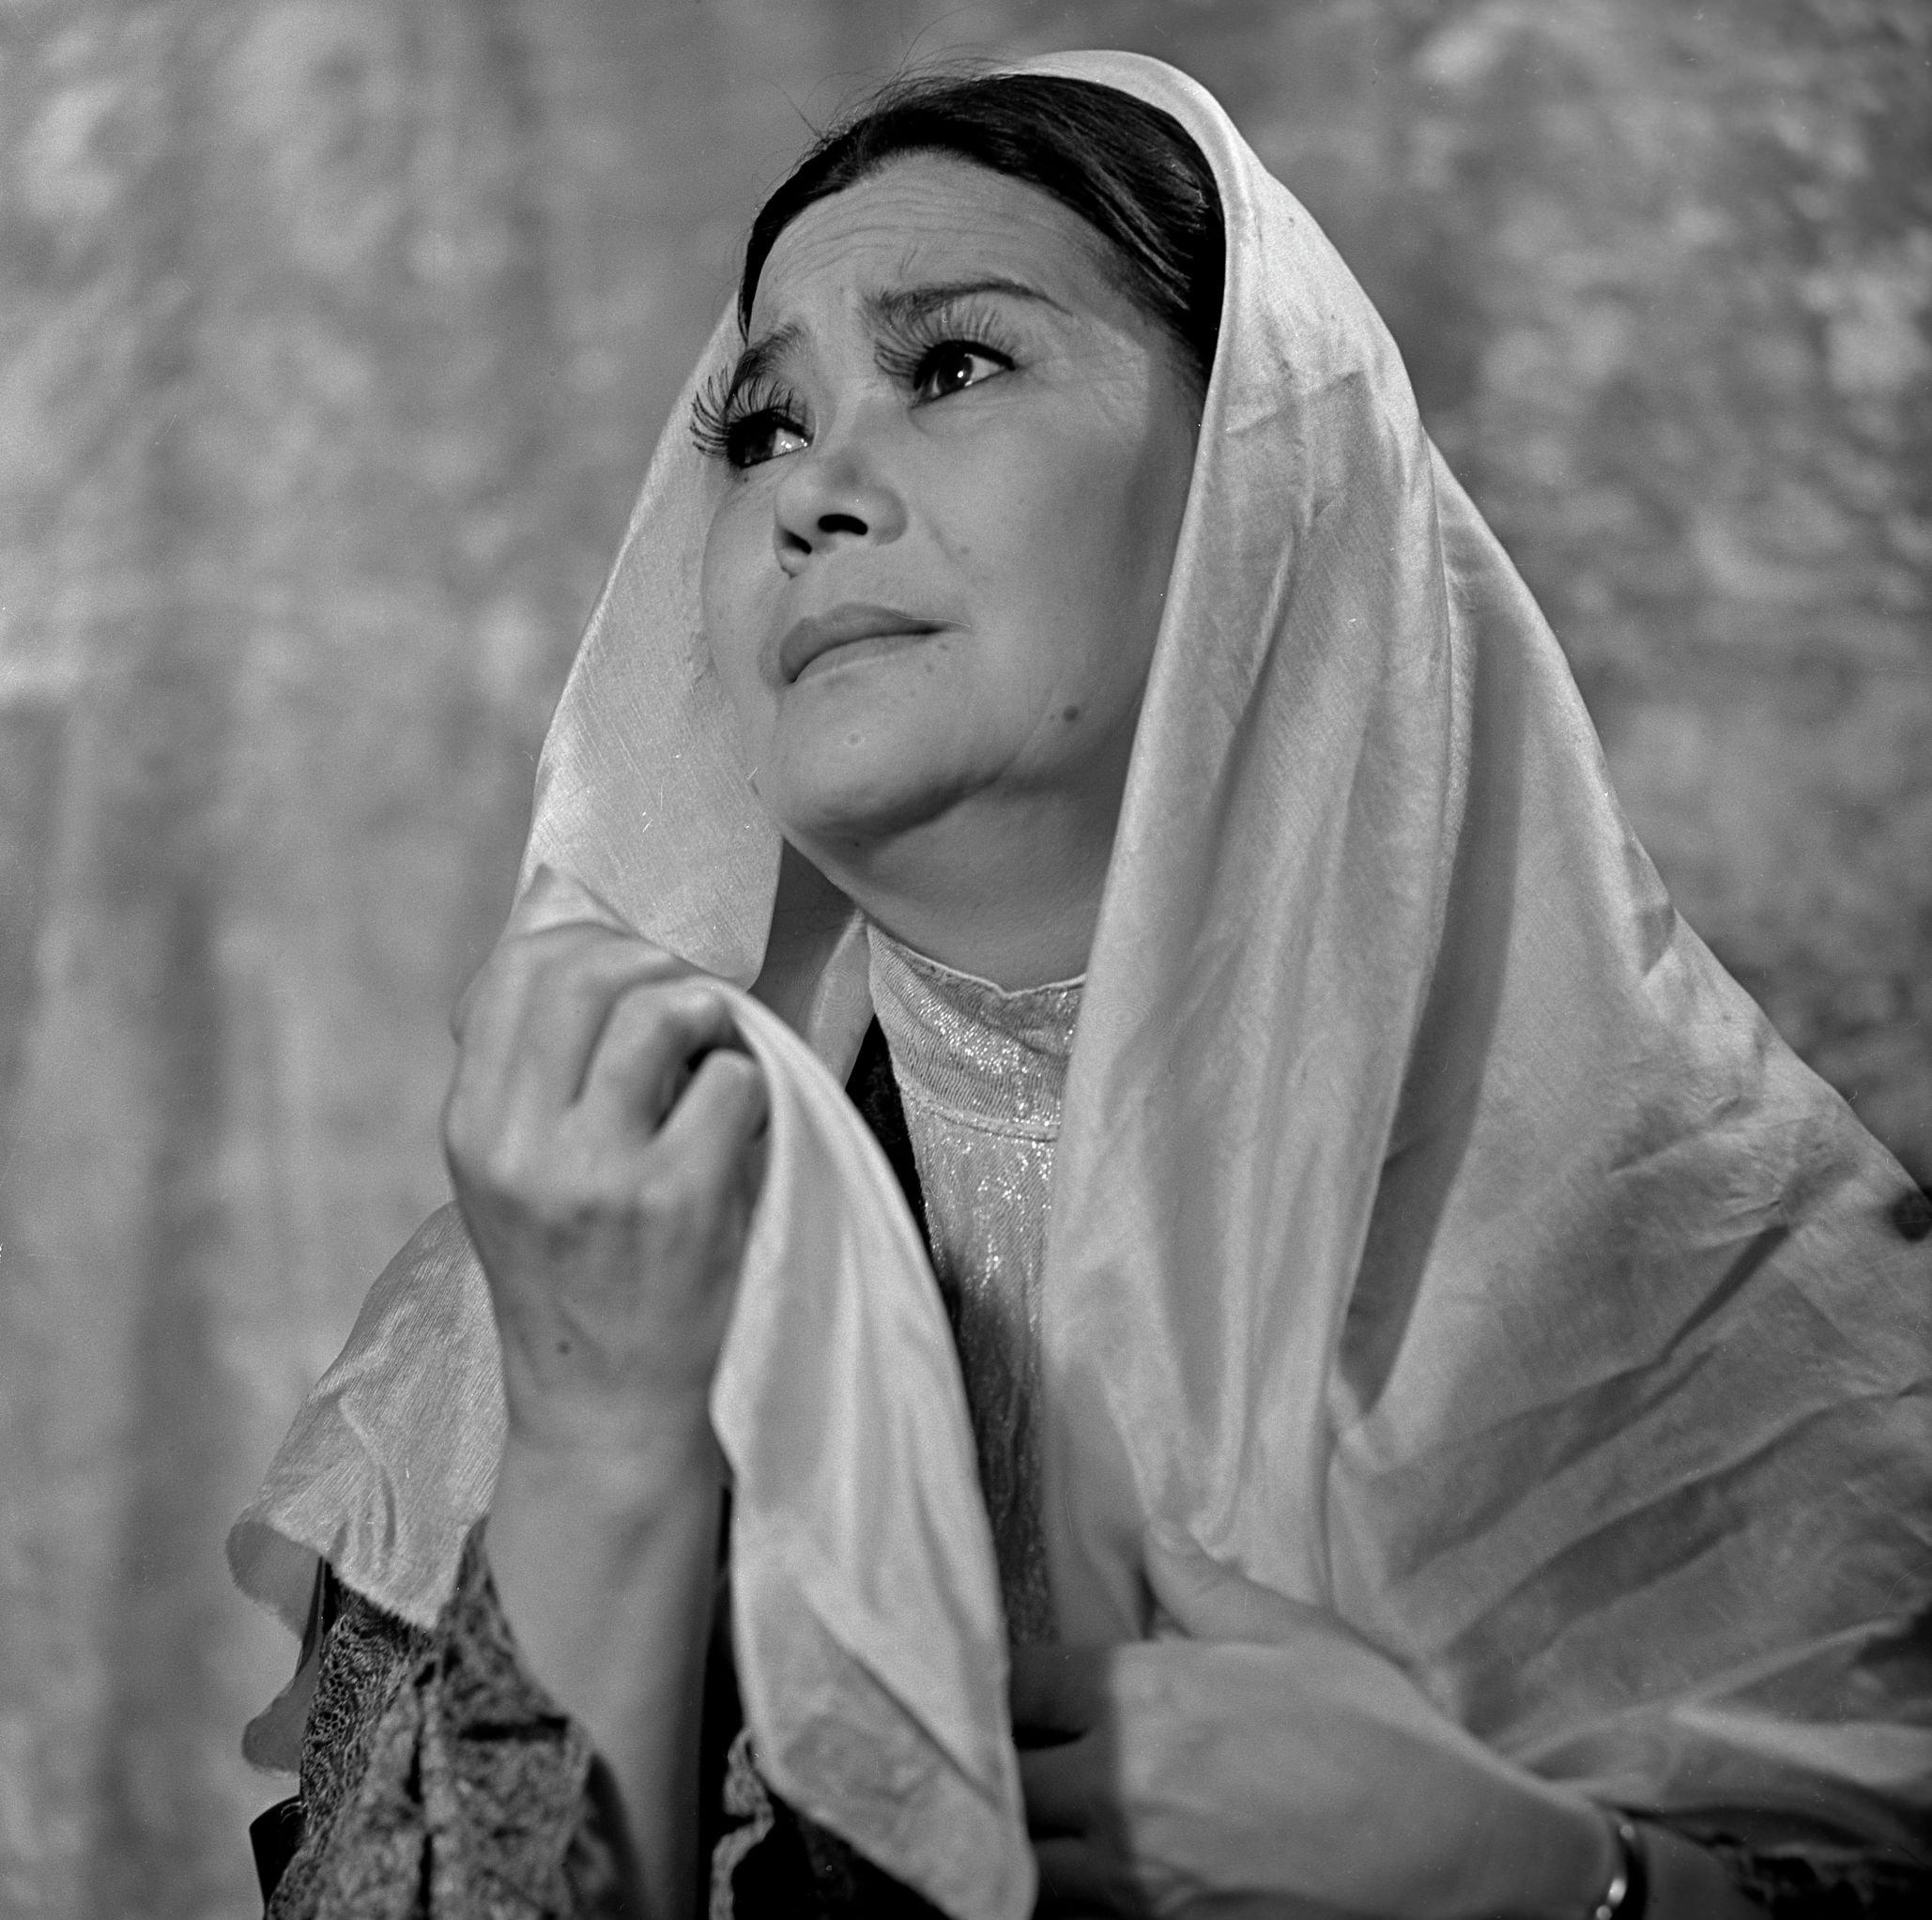 Әмина Өмірзақова Шыңғыс Айтматовтың туындысының негізінде қойылған Жәмила спектаклінде басты рөлді сомдады